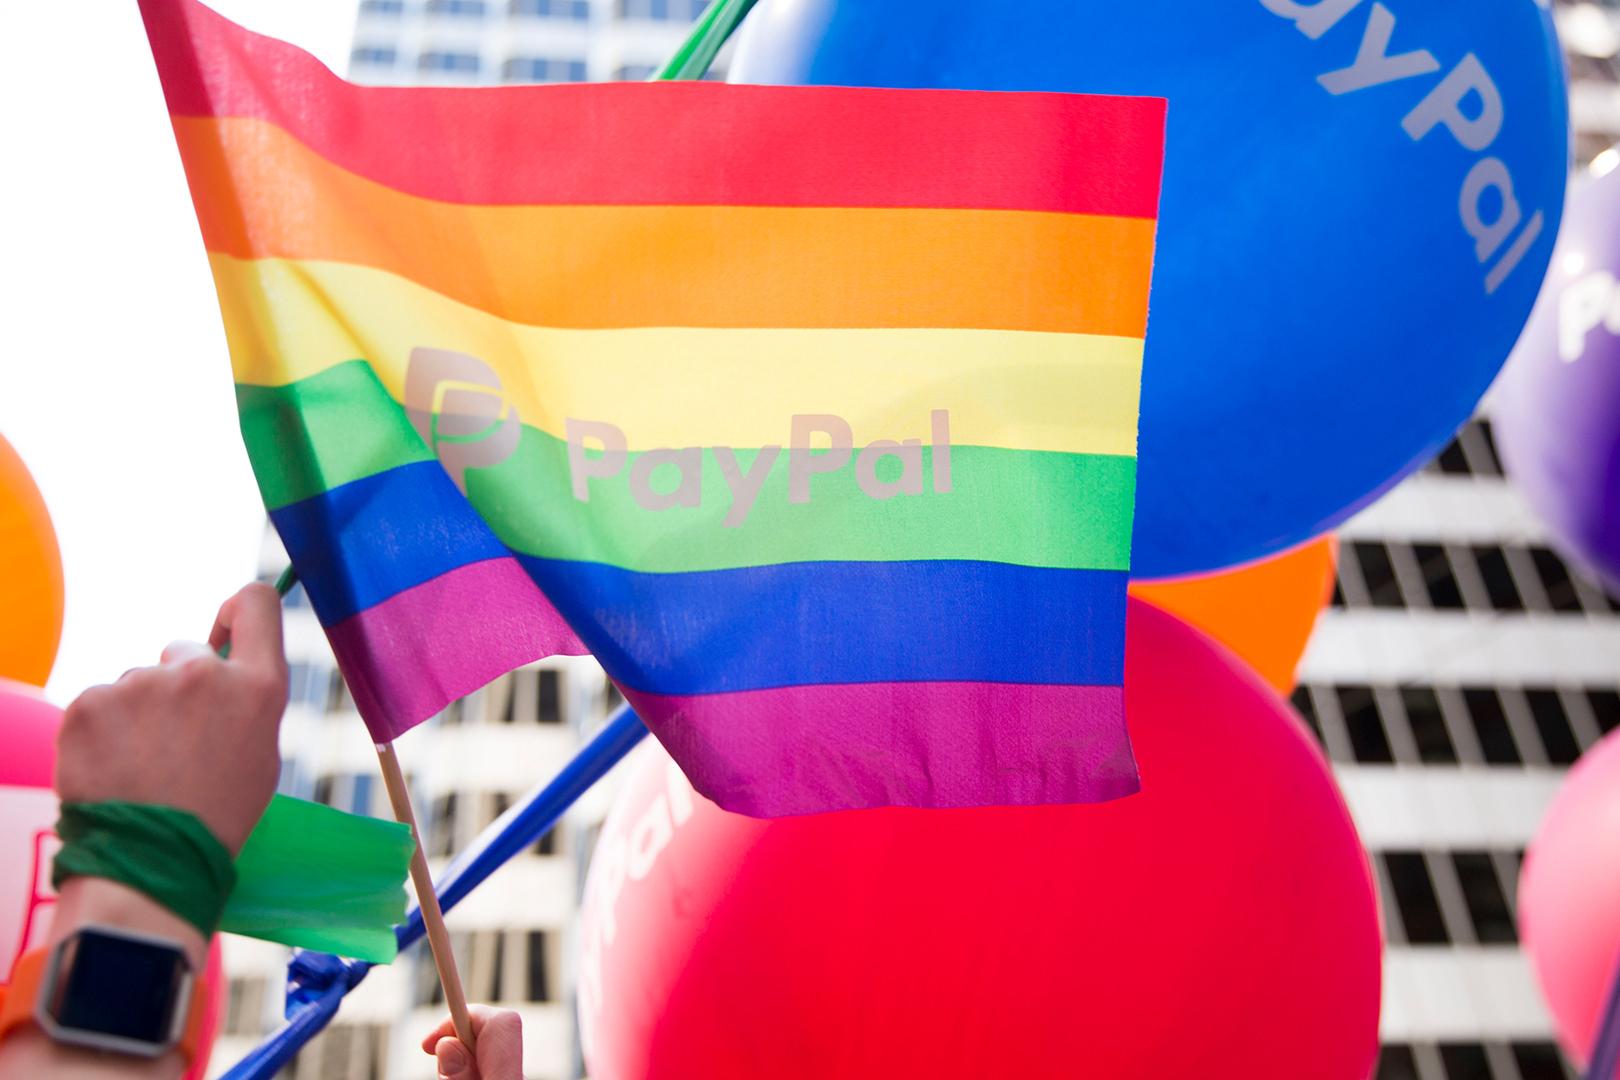 Celebrando el Mes del Orgullo y apoyando a la comunidad LGBTQ +